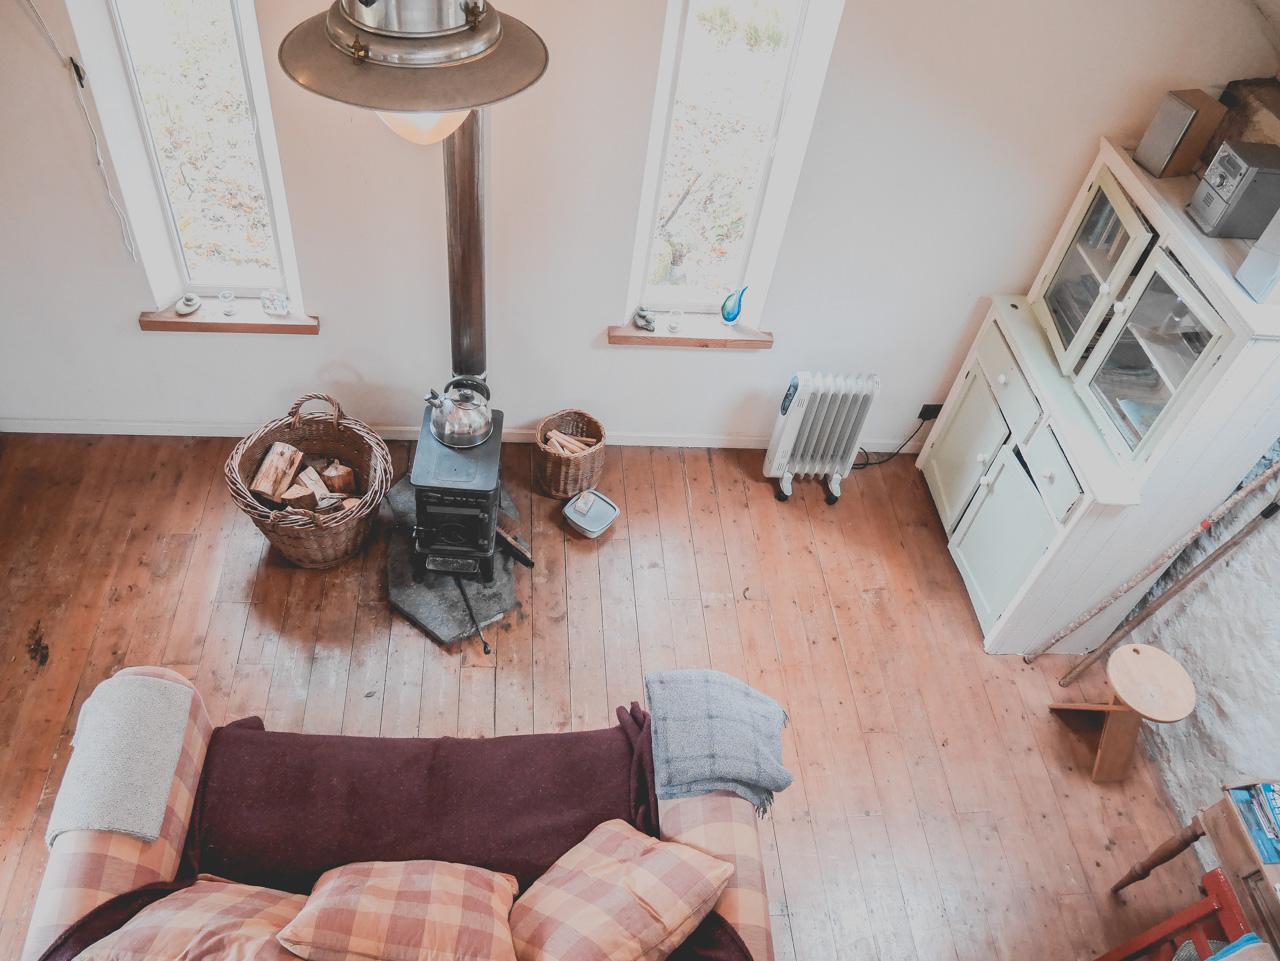 Où dormir lors d'un week-end dans le Donegal ?